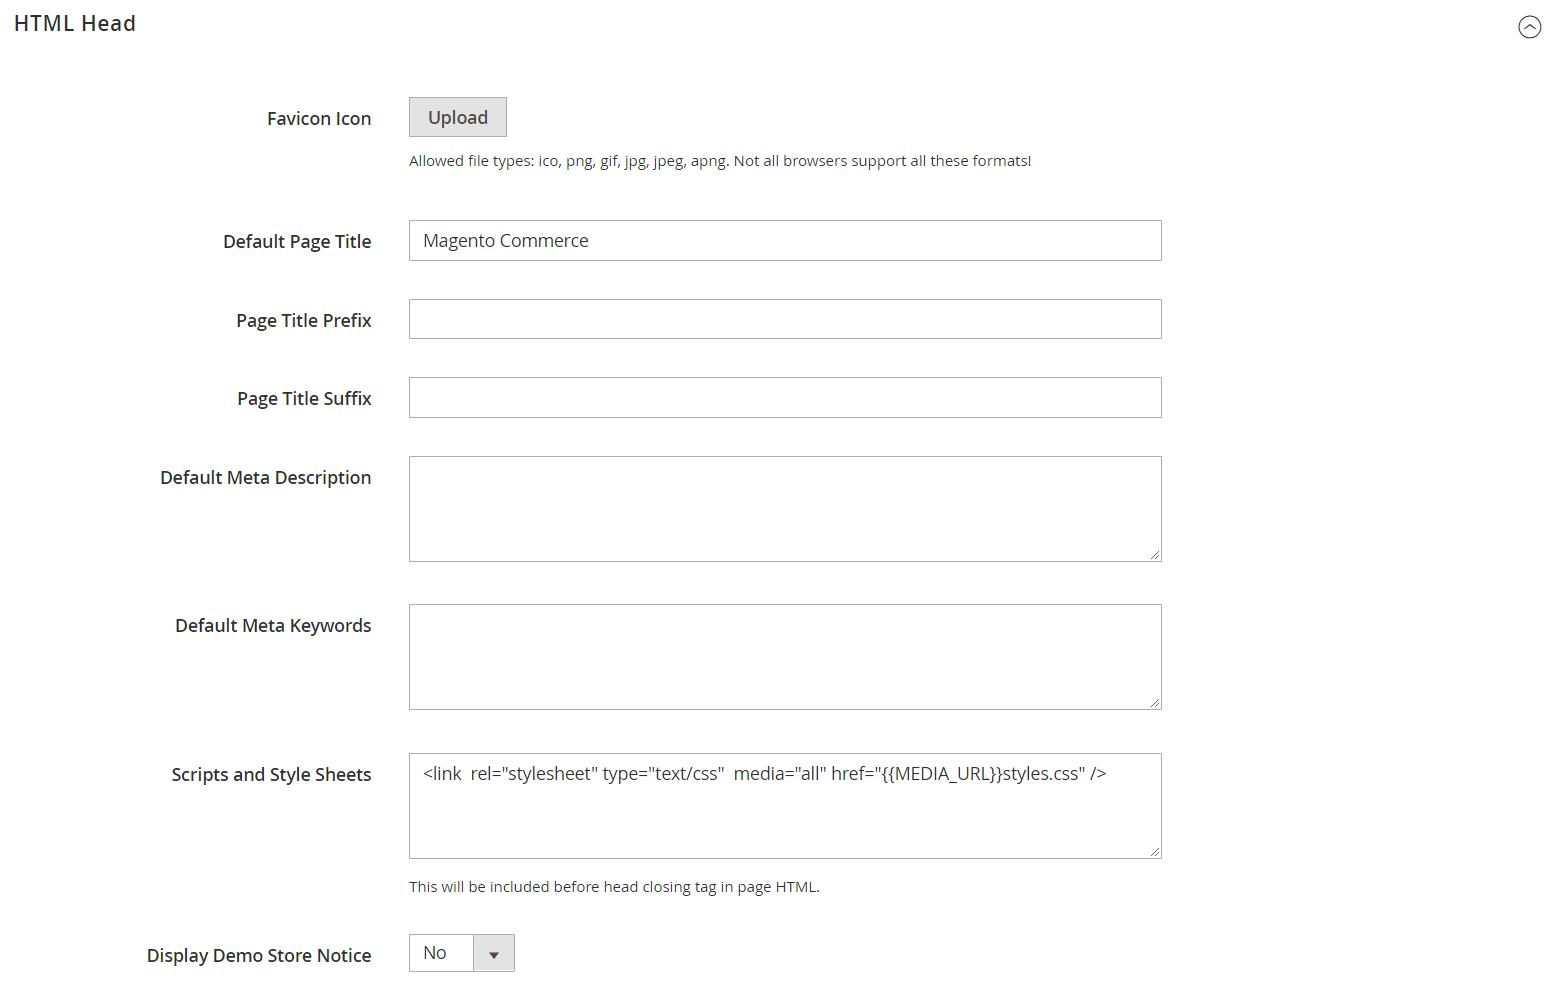 تغيير/ إضافة أيقونة Favicon لمتجرك على ماجنتو 2